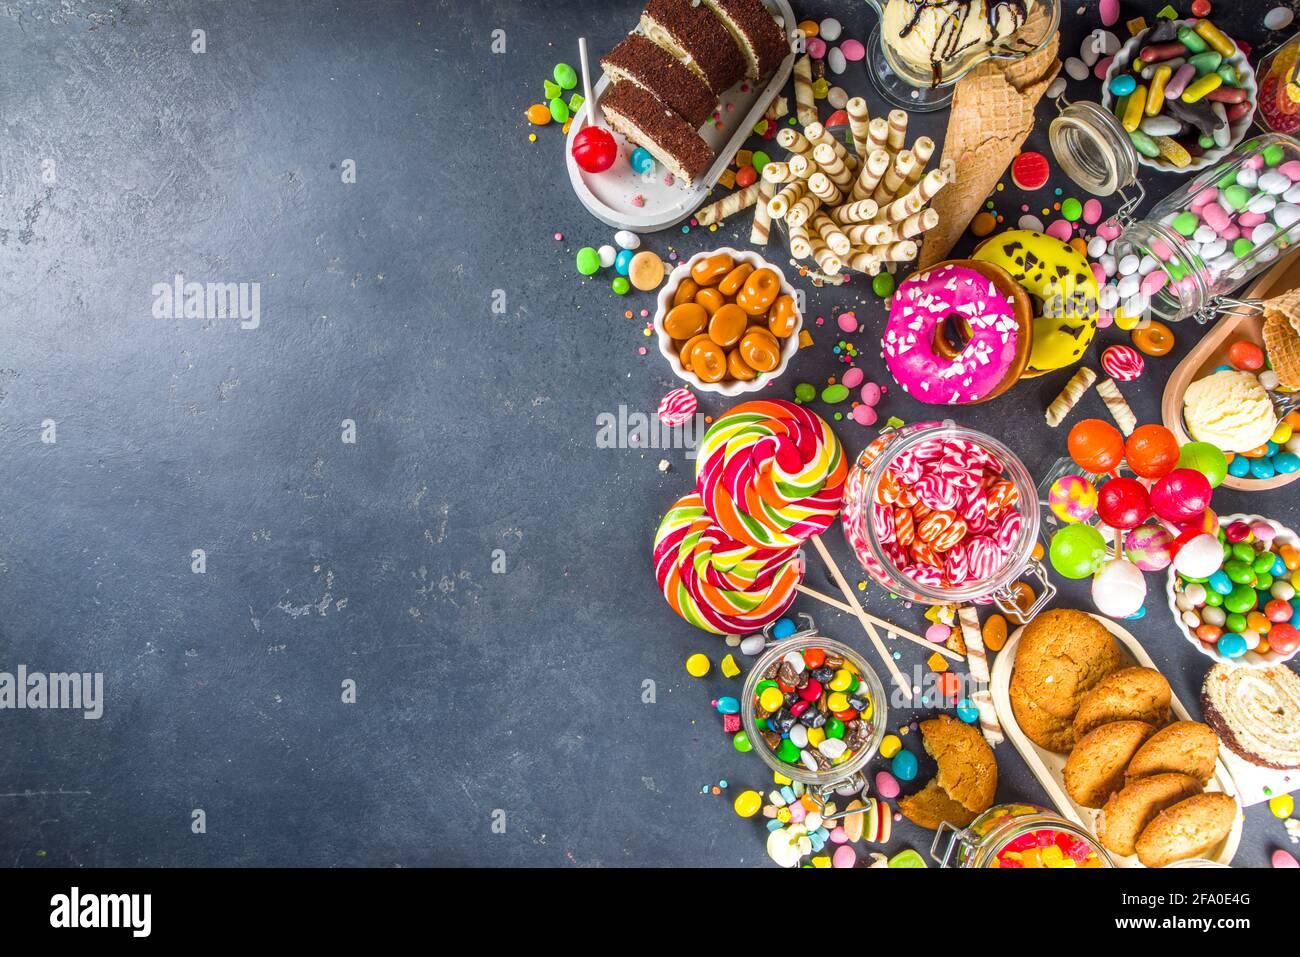 Selezione di dolci colorati. Set di caramelle, cioccolatini, ciambelle, biscotti, lecca, vista dall'alto del gelato su sfondo nero di cemento Foto Stock